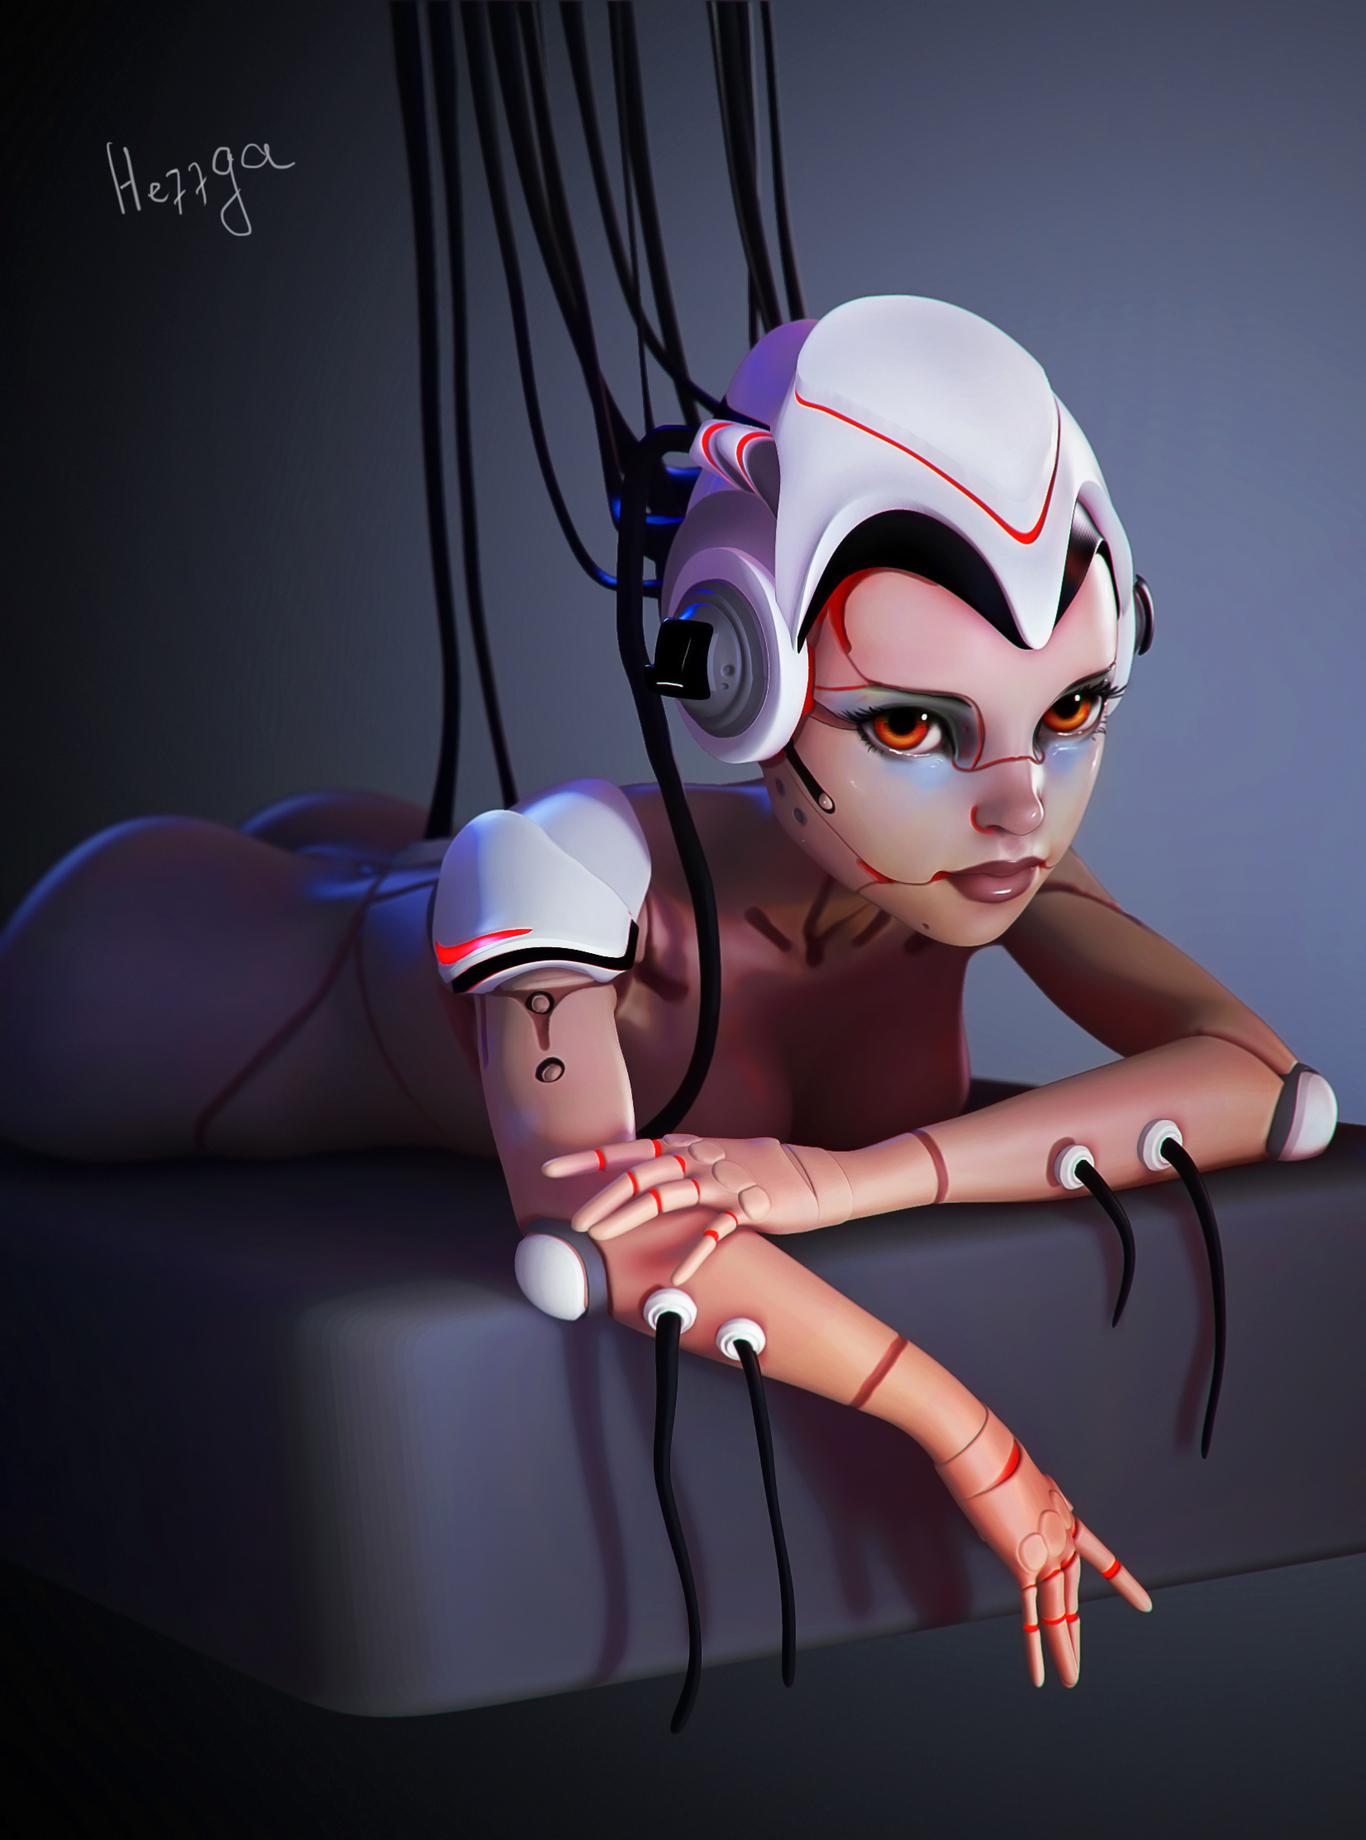 He77ga cyborg girl 1 16877761 3mz2